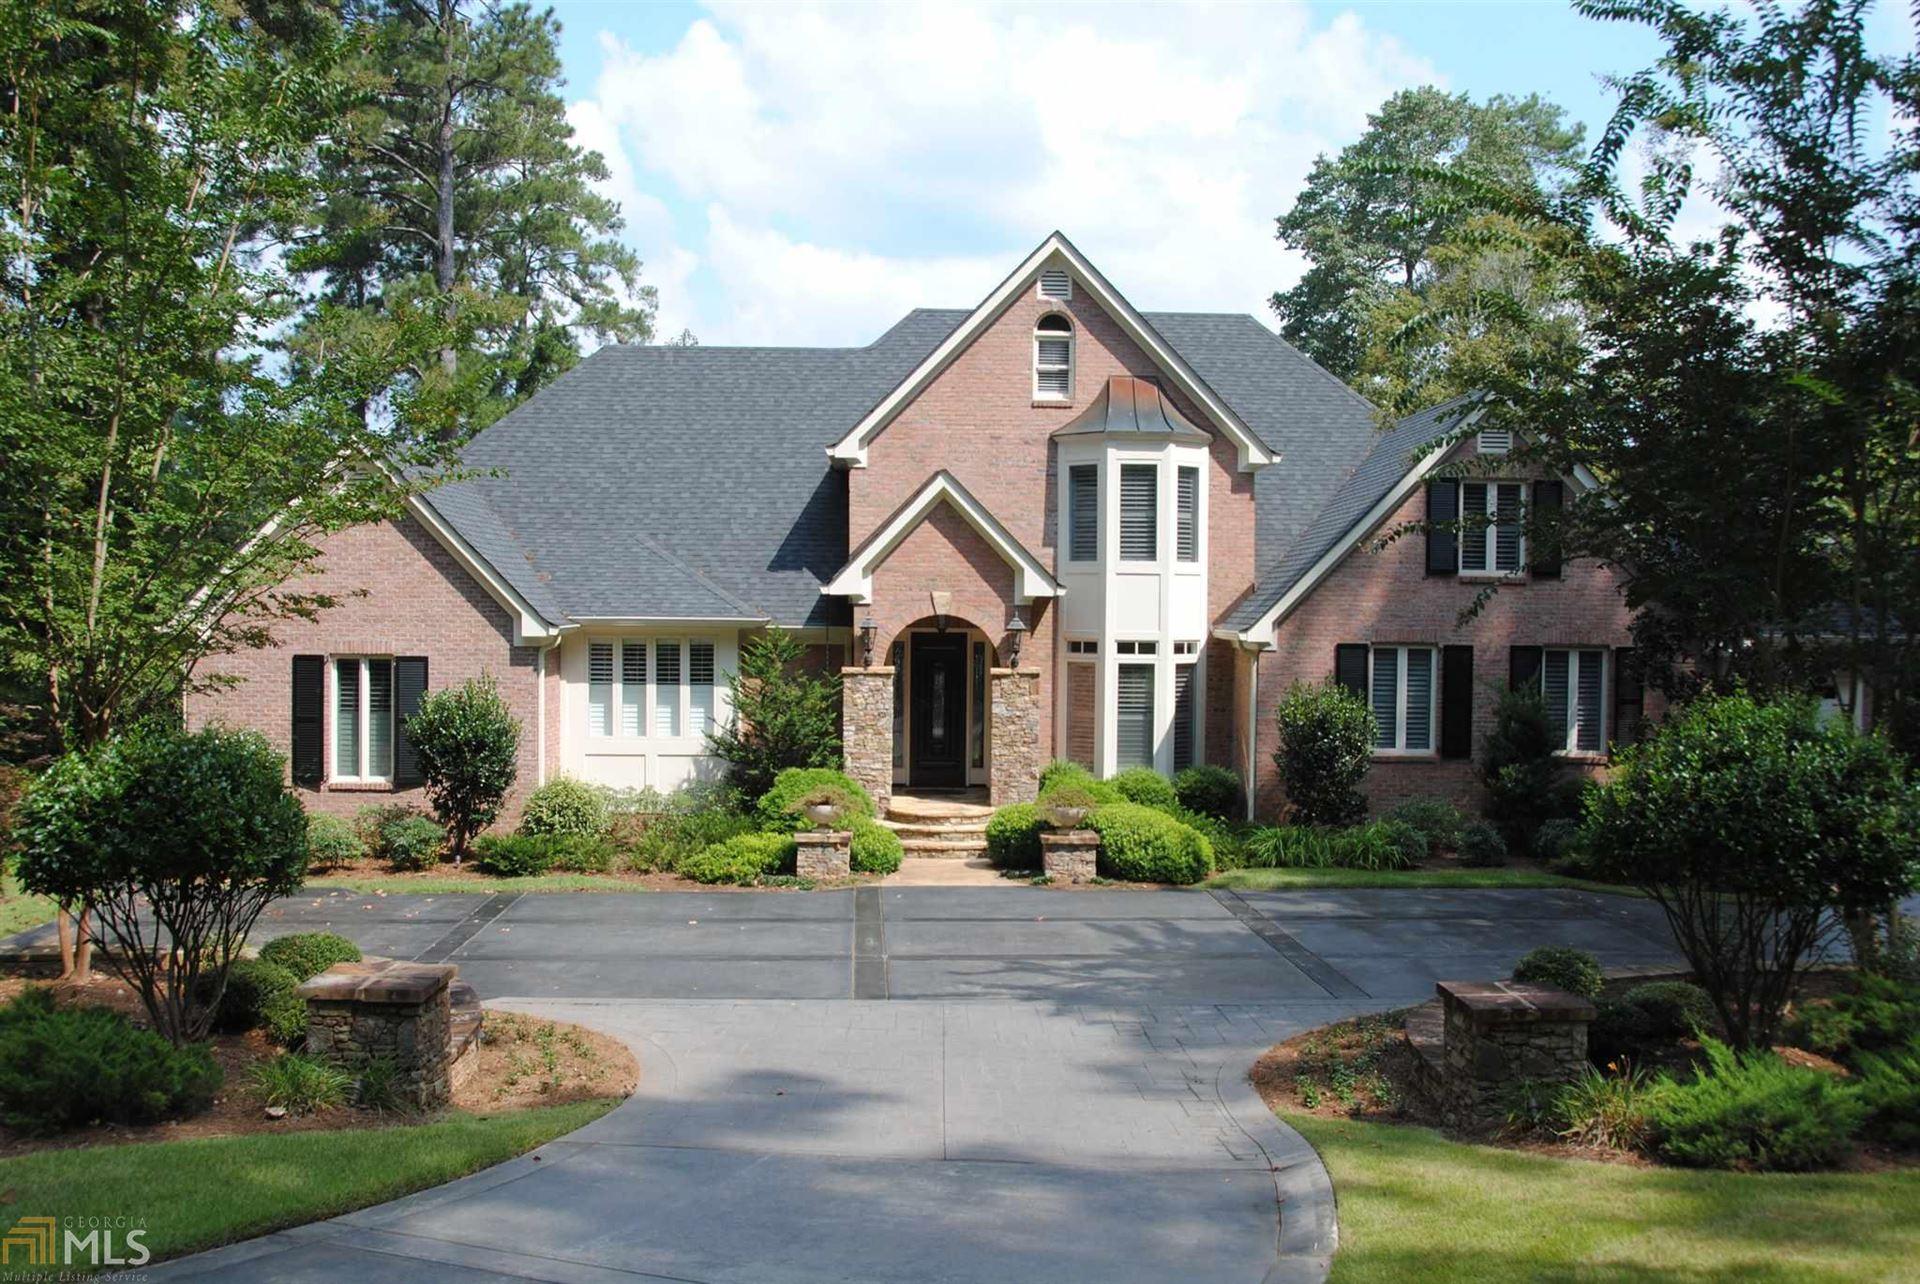 858 Piney Woods Dr, LaGrange, GA 30240 - #: 8752140